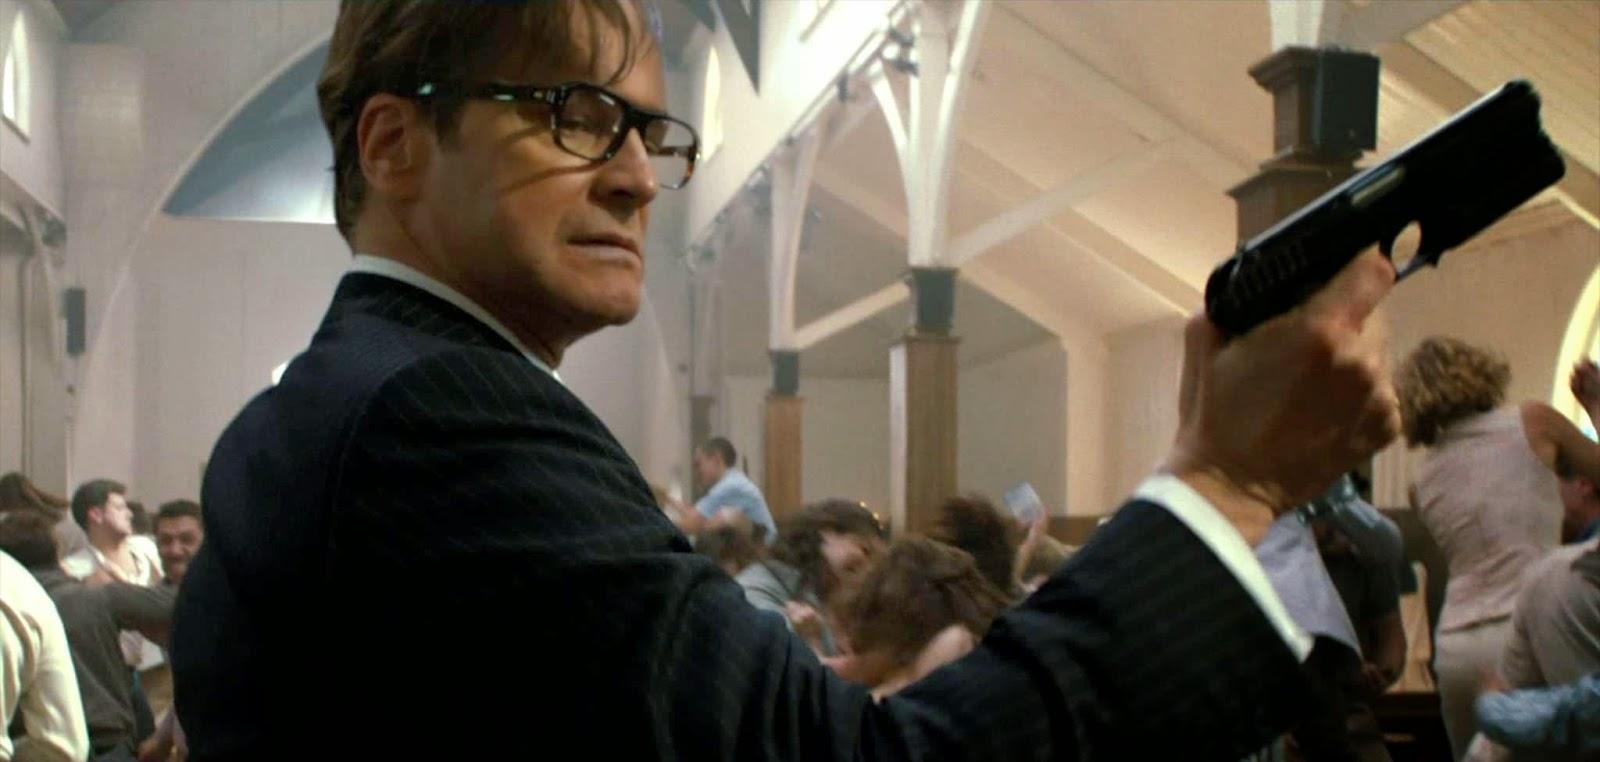 Mais ação no segundo trailer estendido de Kingsman: Serviço Secreto, com Colin Firth e Samuel L. Jackson